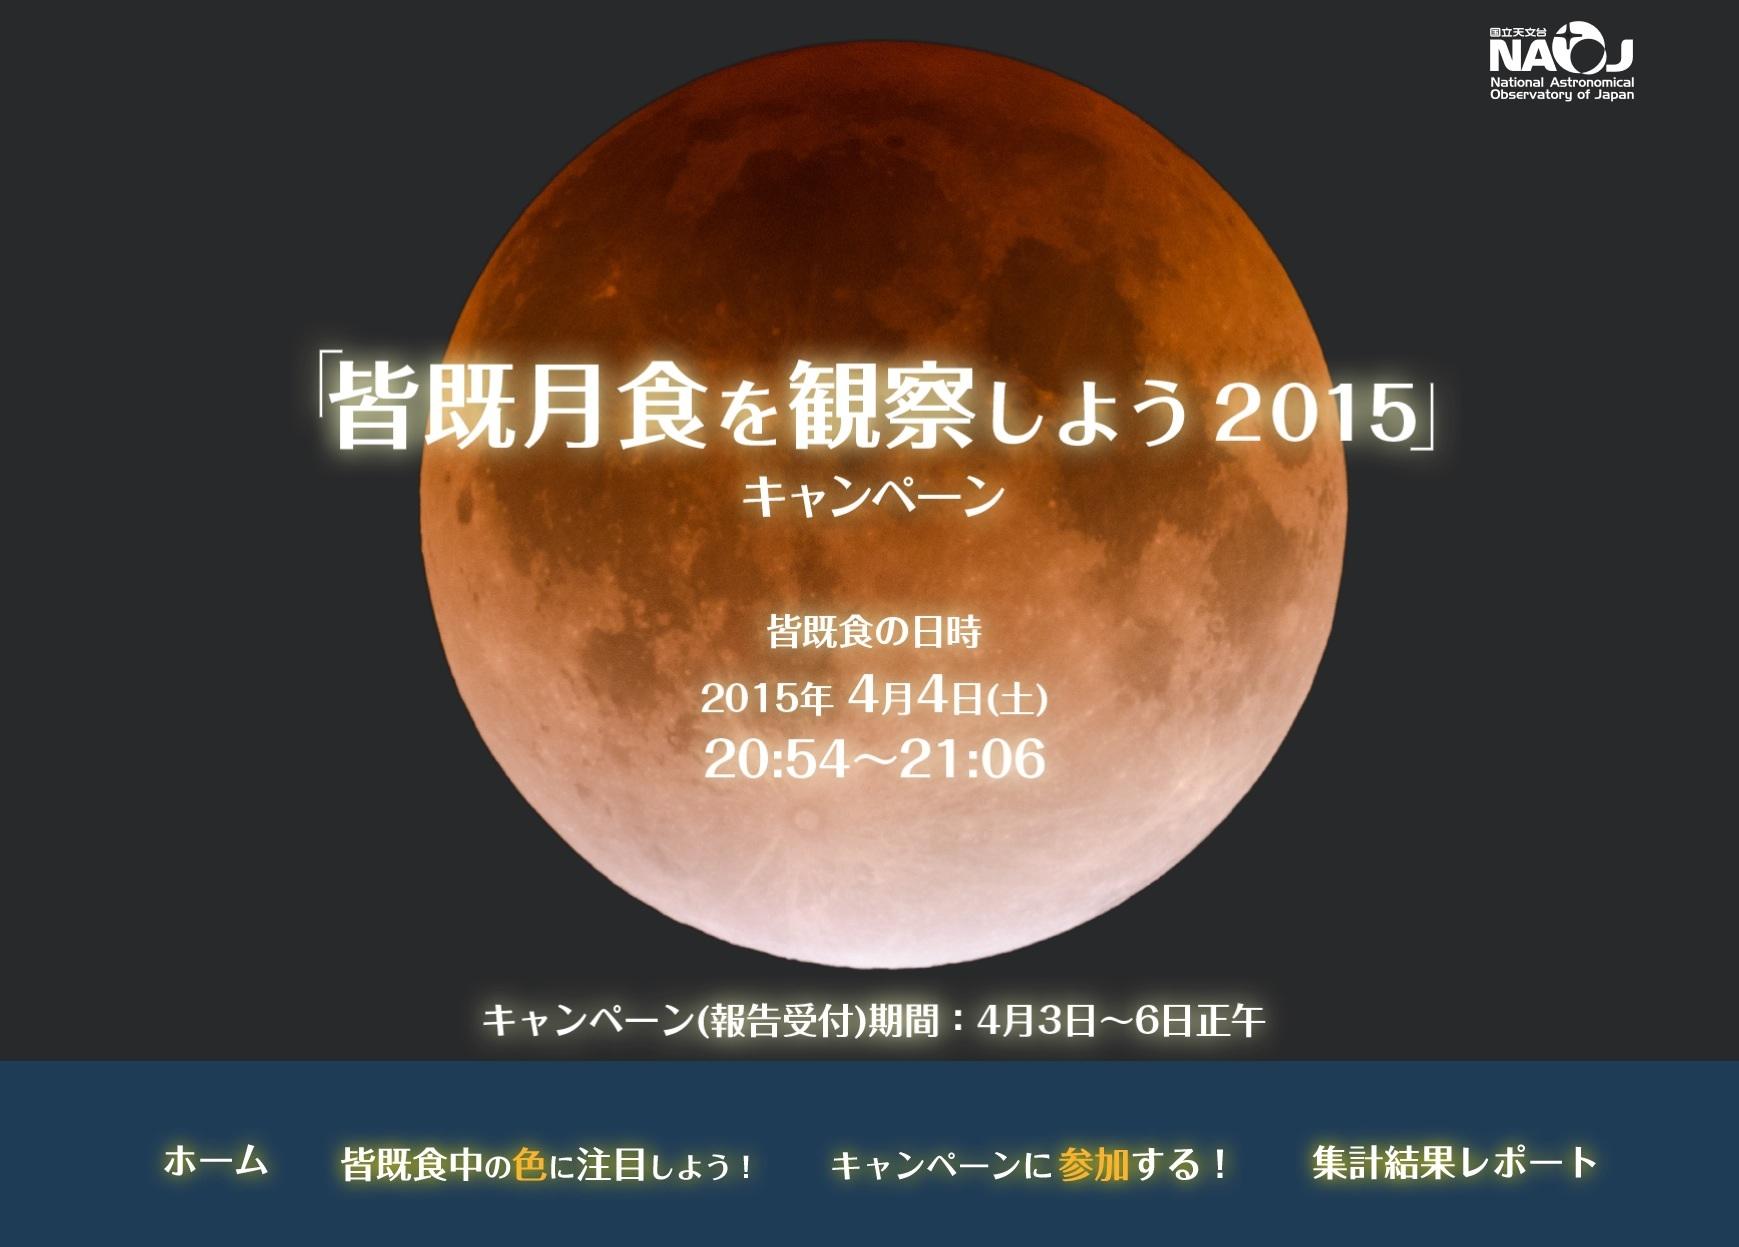 4月4日は皆既月食 「赤黒く輝く満月」を全国で観察しよう!